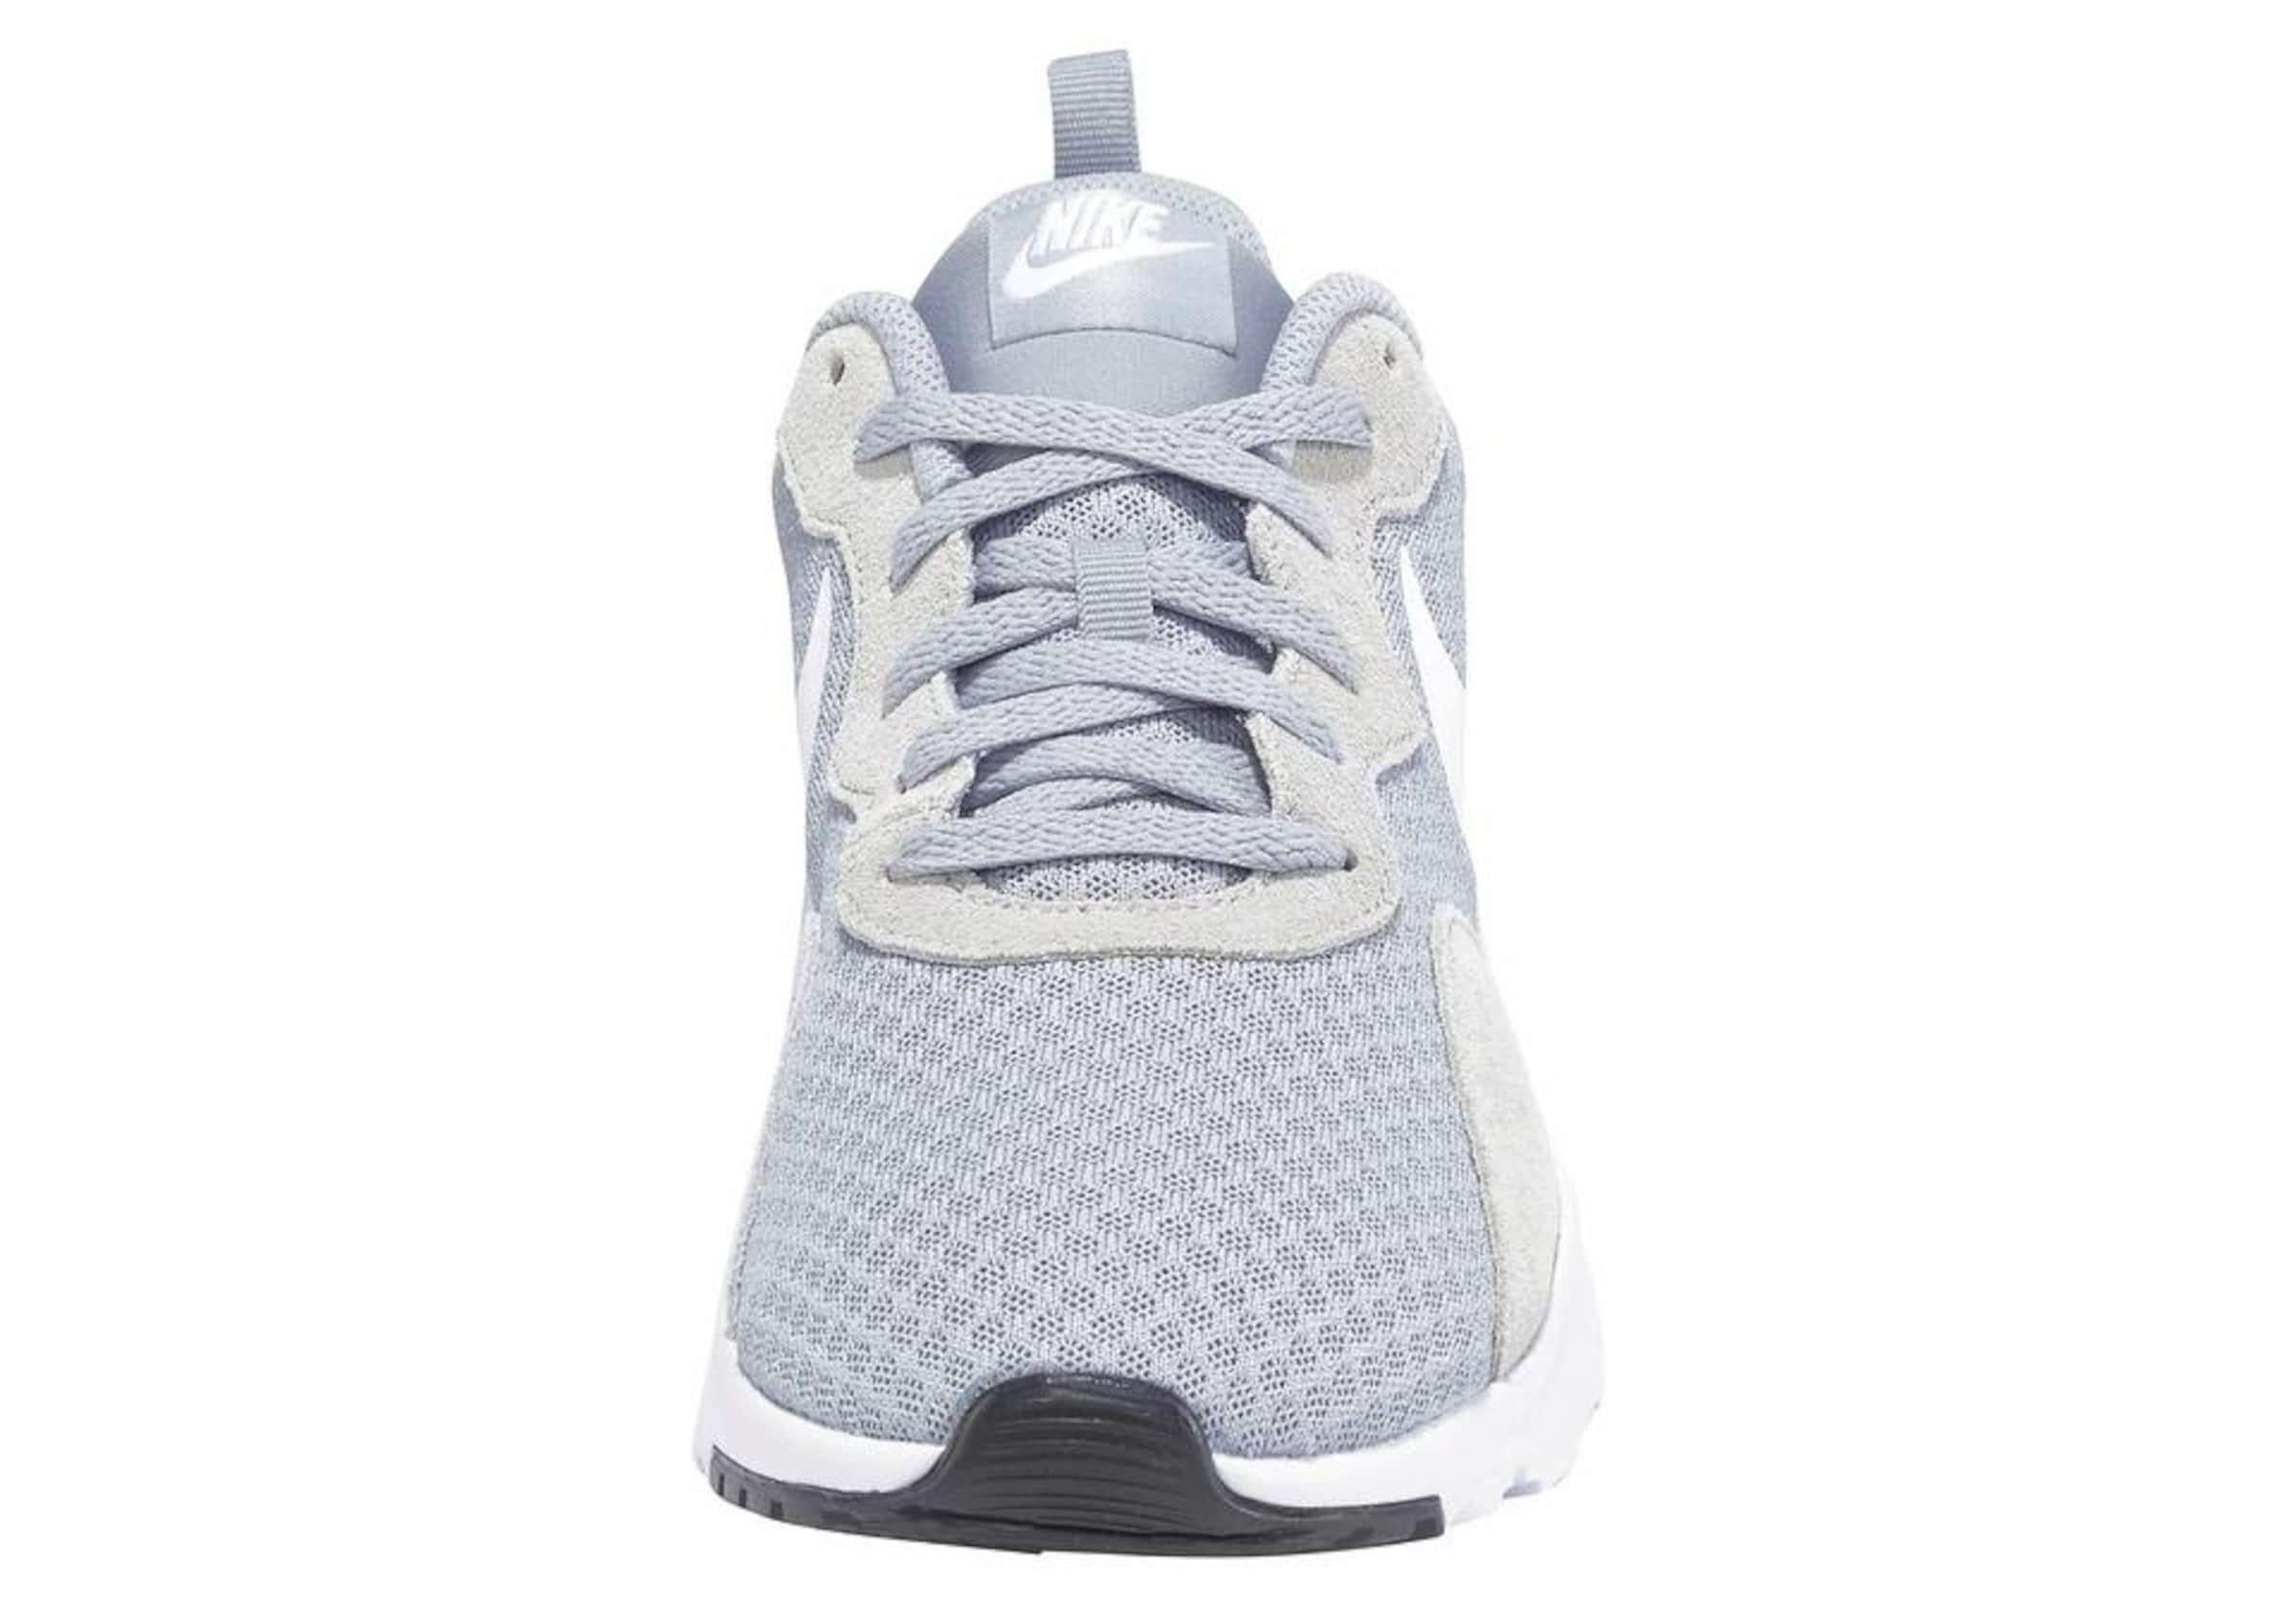 Sneaker Nike Grau Ld Runner In 'wmns W' Sportswear 8vN0wnm